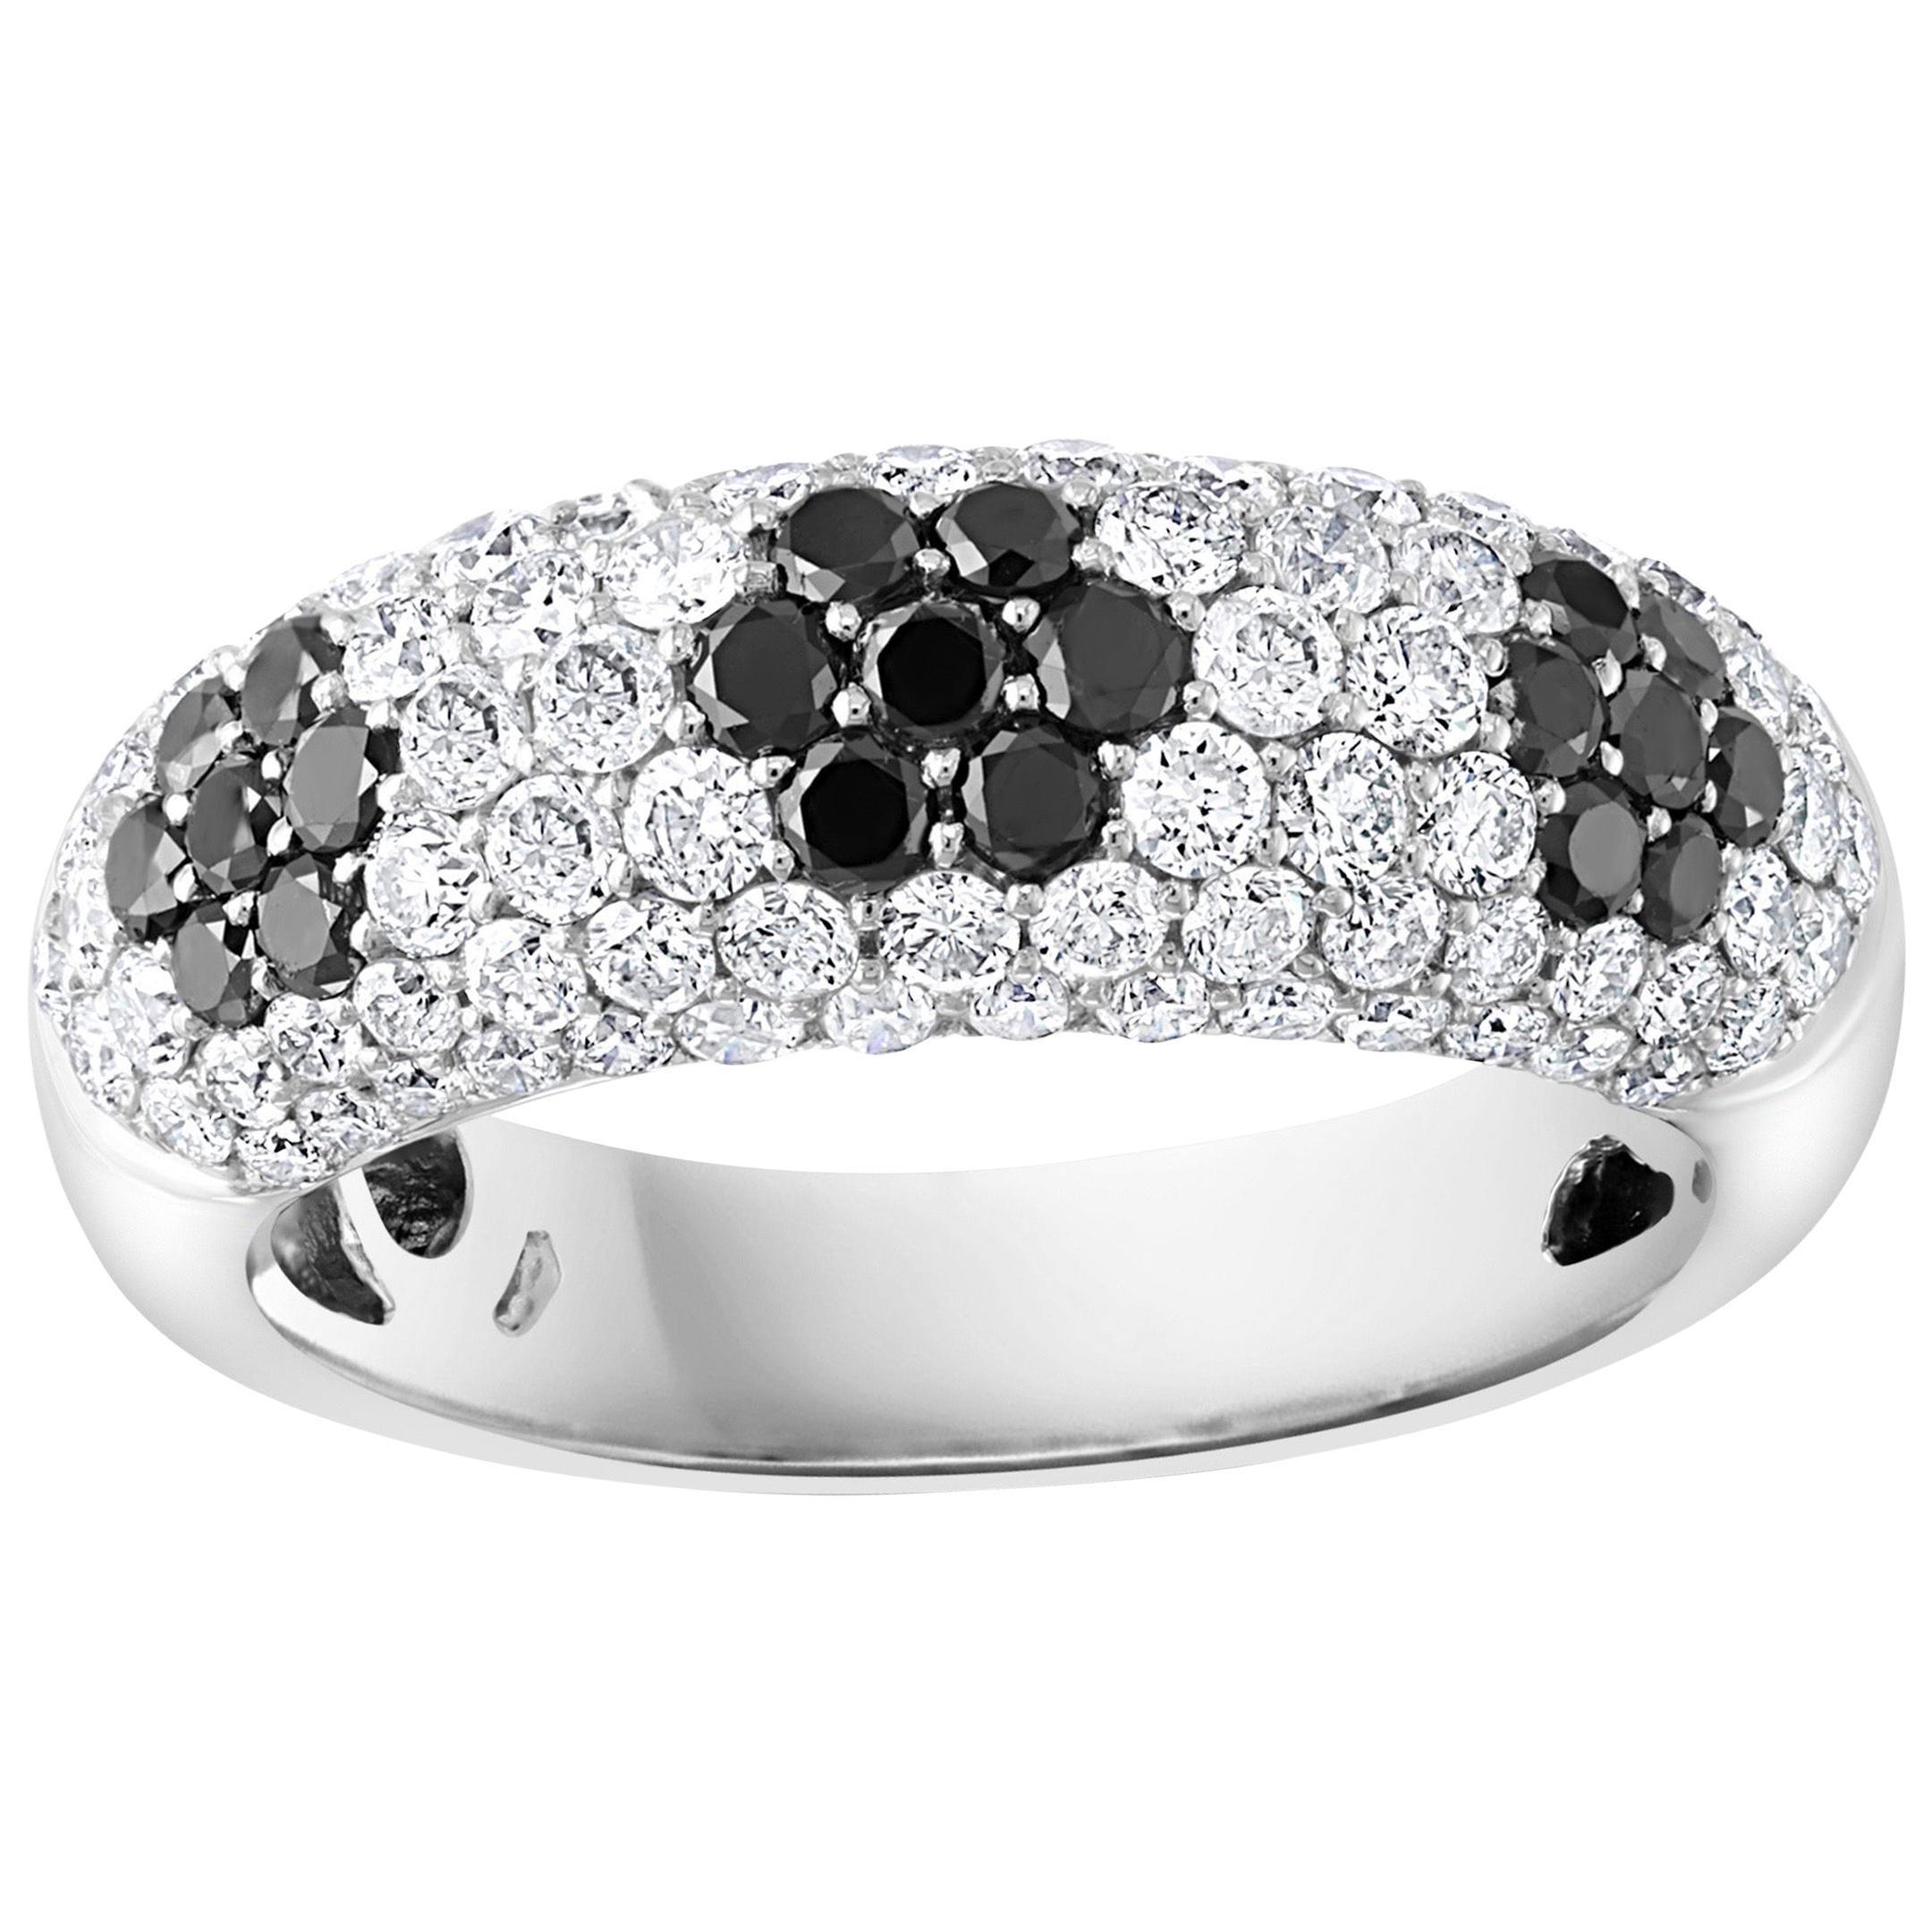 1.5 Carat White Diamond and 0.6 Carat Black Diamond Cocktail Ring 14 Karat Gold